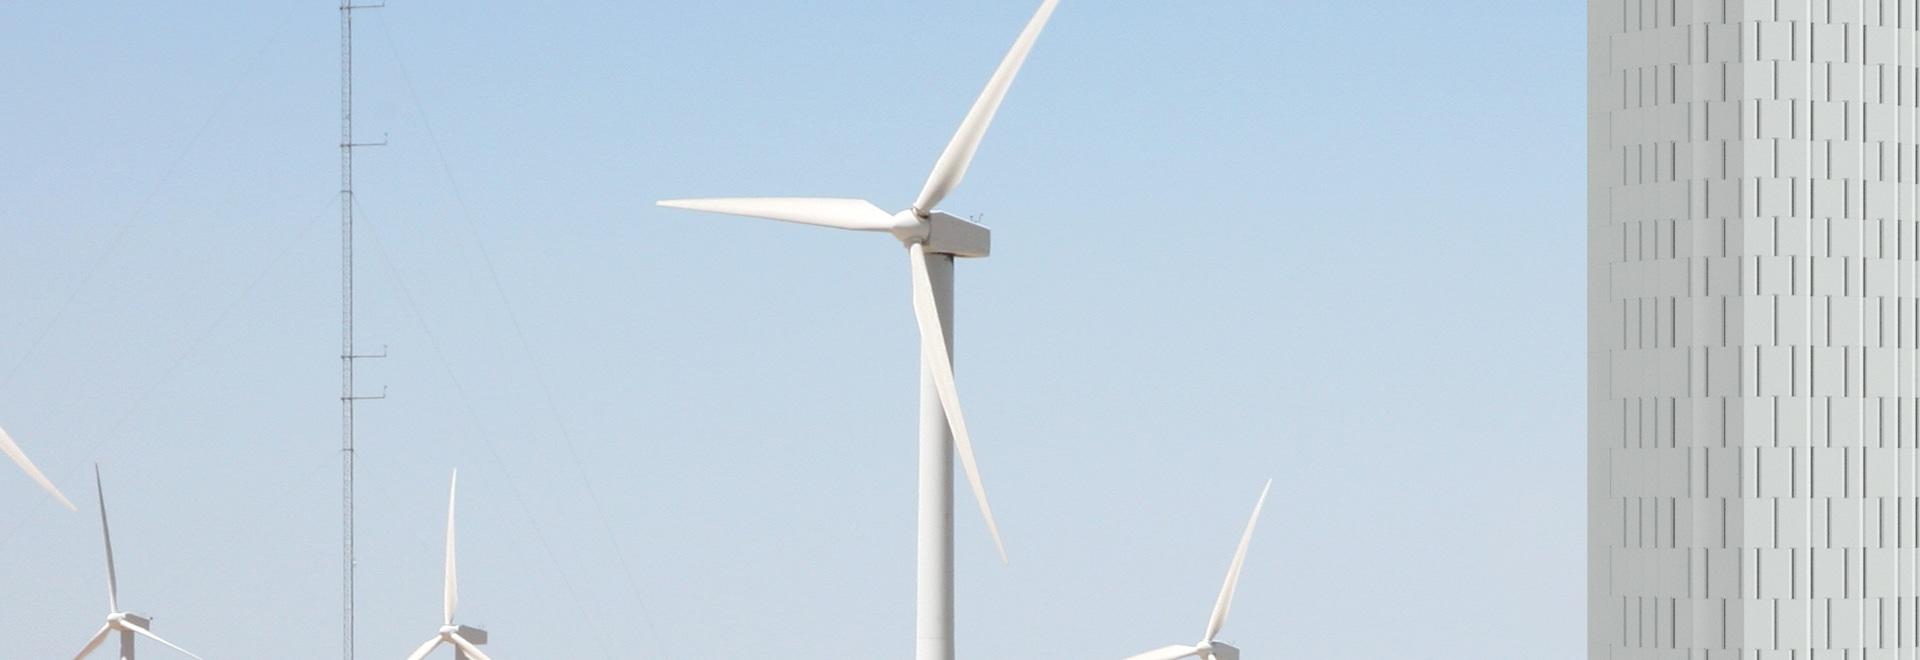 Energy Vault gana el premio World Changing Idea Award 2019 de Fast Company por su tecnología transformadora de almacenamiento de energía a gran escala para empresas de servicios públicos